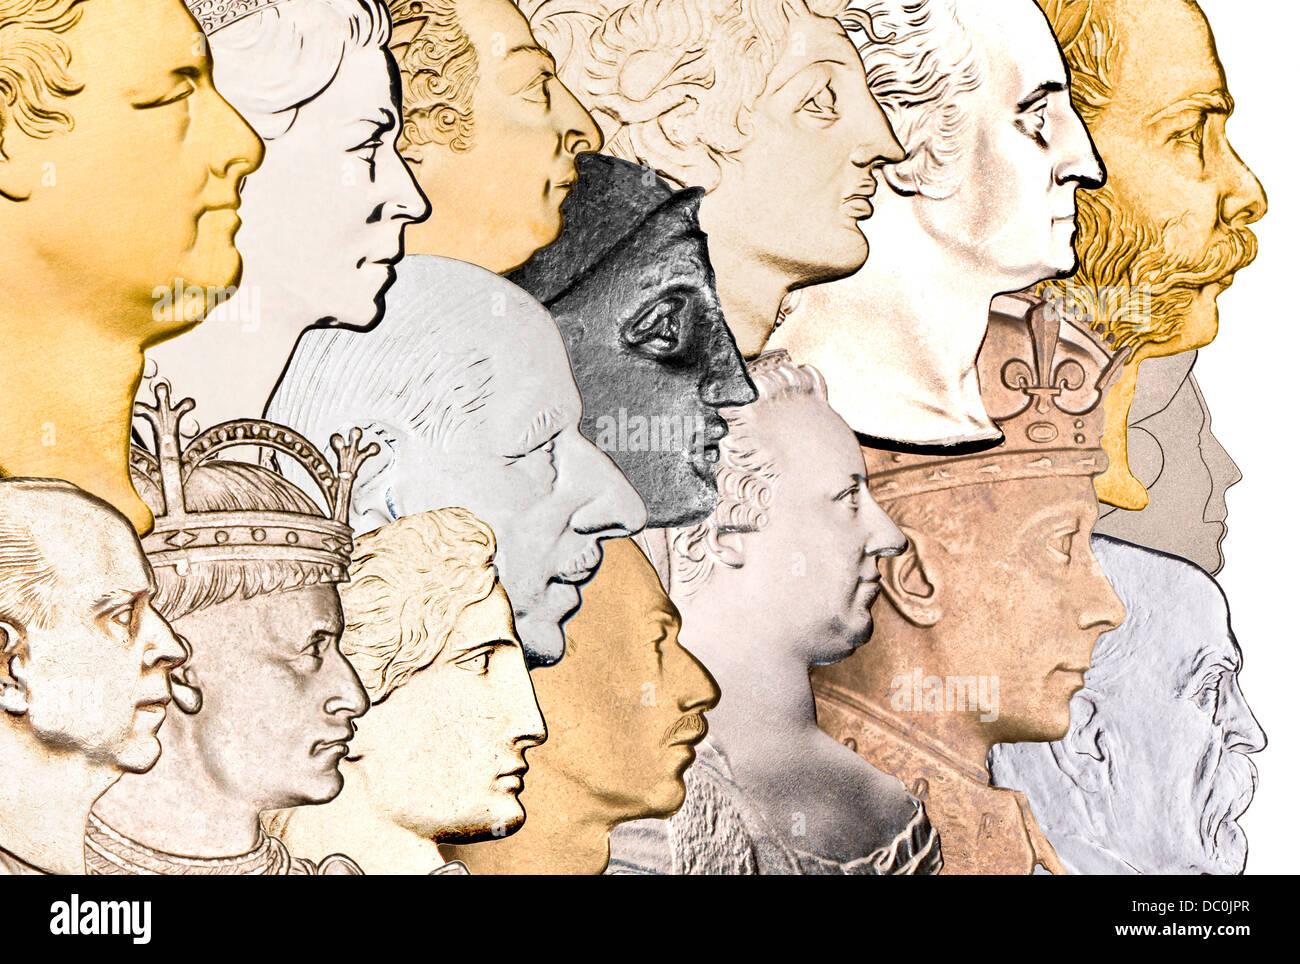 Profil-Porträts von verschiedenen Monarchen und historische Figuren, Münzen entnommen. Stockbild